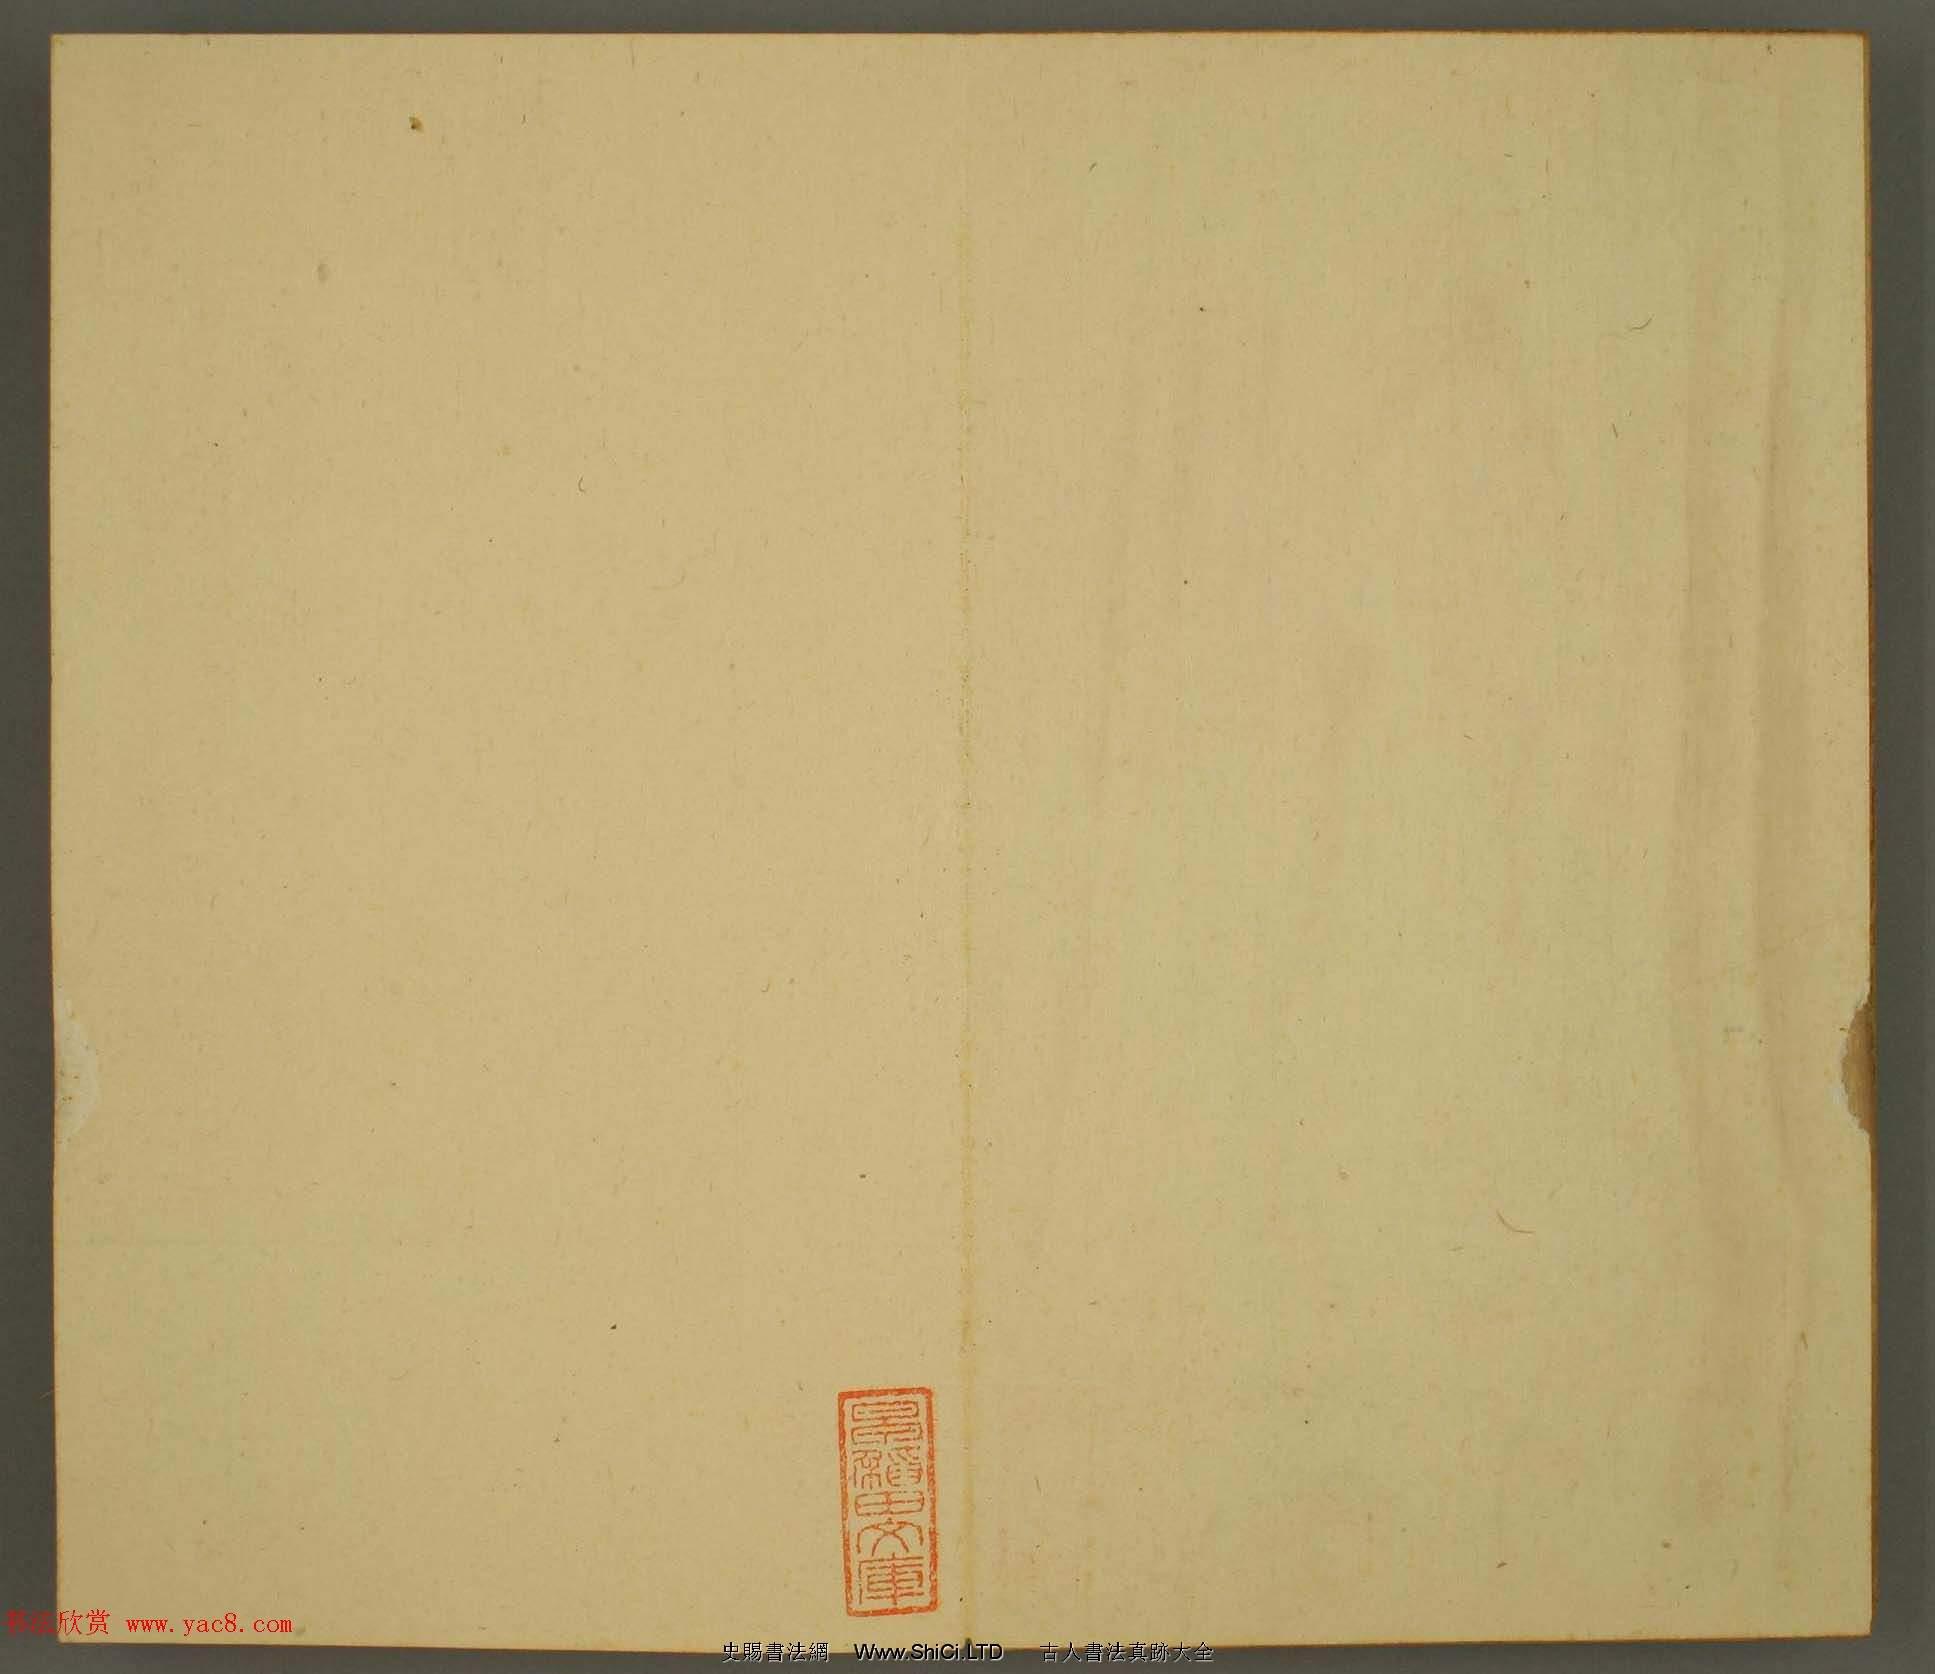 日本正二位行忠卿書法-世尊寺法書卷第九(共24張圖片)